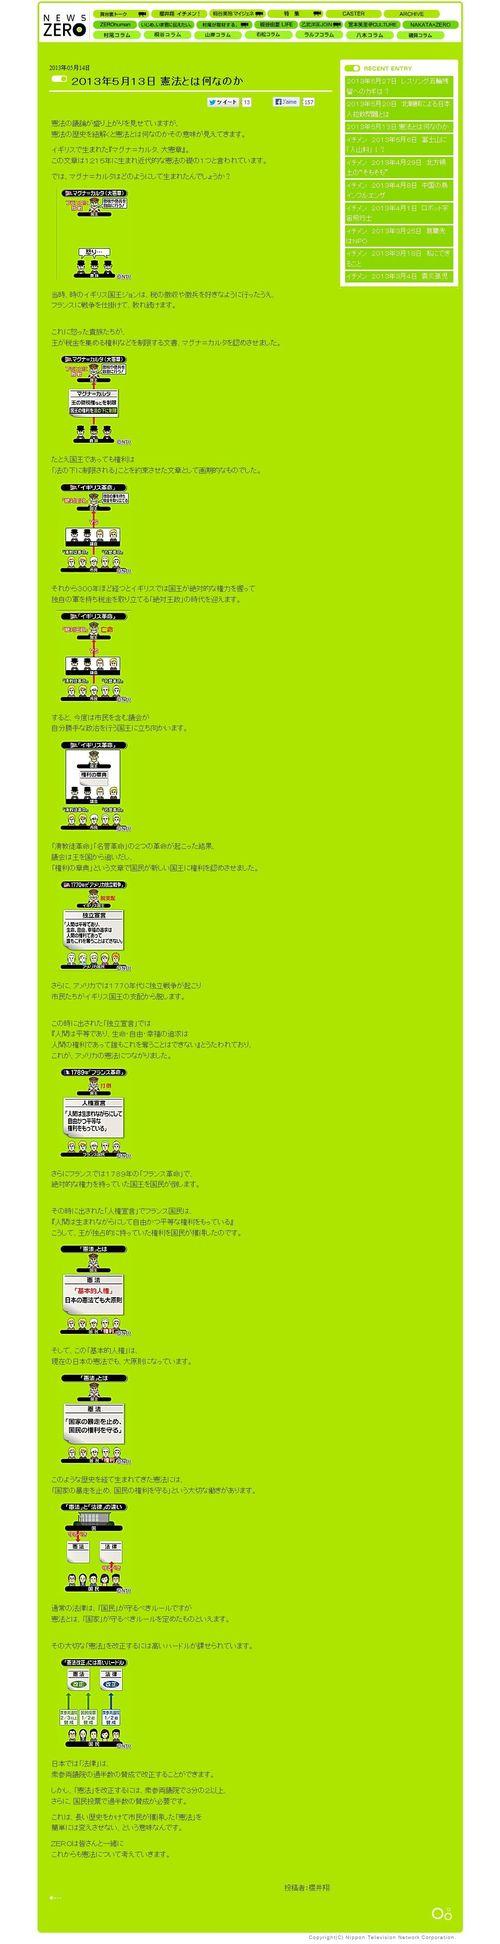 2013.05.13 NEWS ZERO 櫻井翔イチメン!